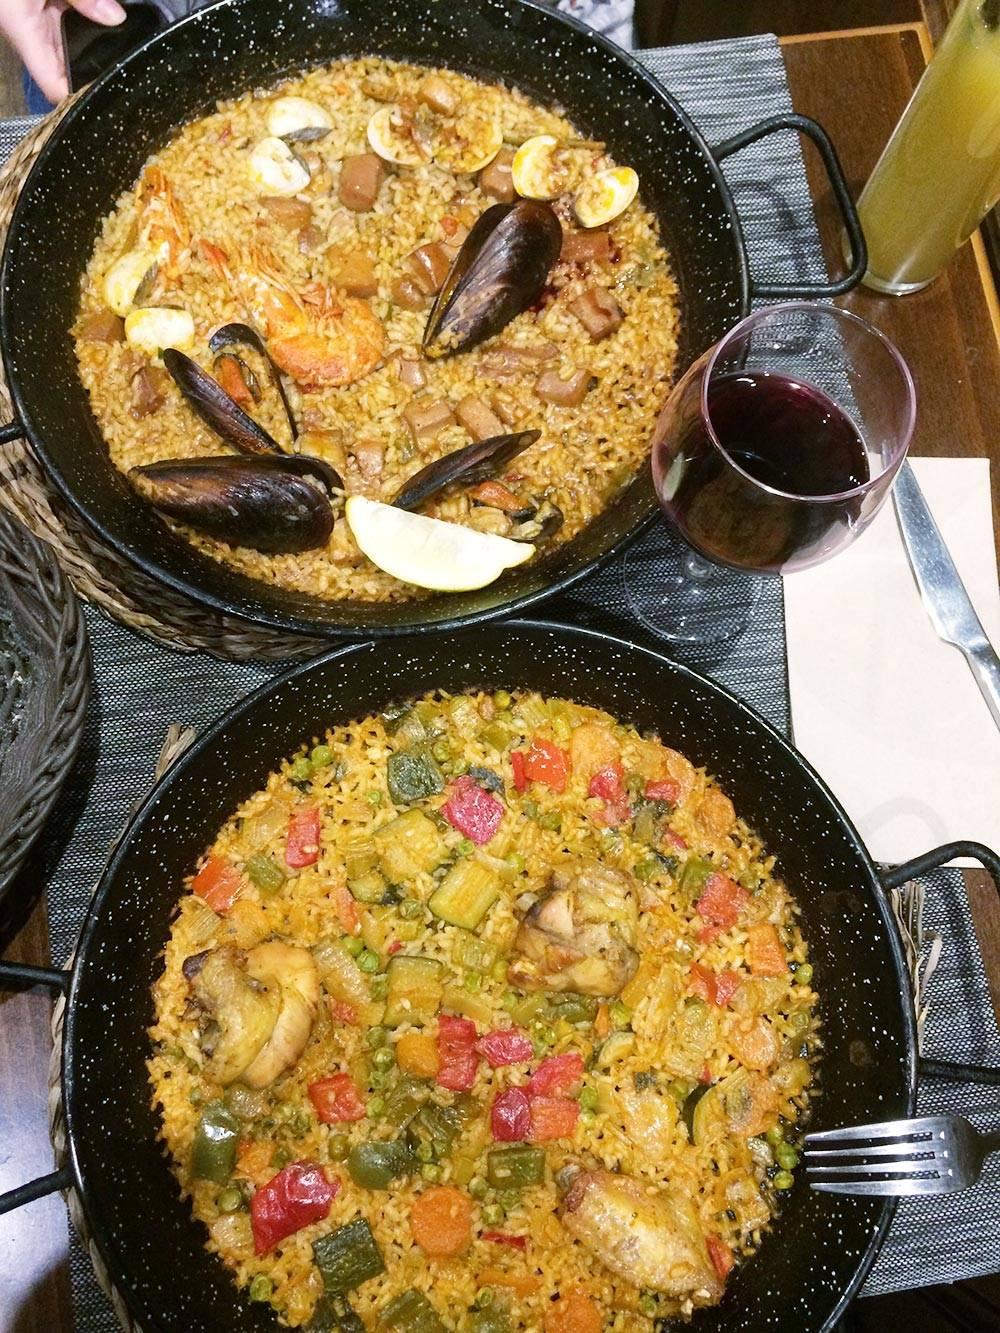 Нам особенно запомнилась еда в Барселоне. Там в каждом ресторане подают свежие морепродукты и изумительно готовят паэлью. Порции везде большие